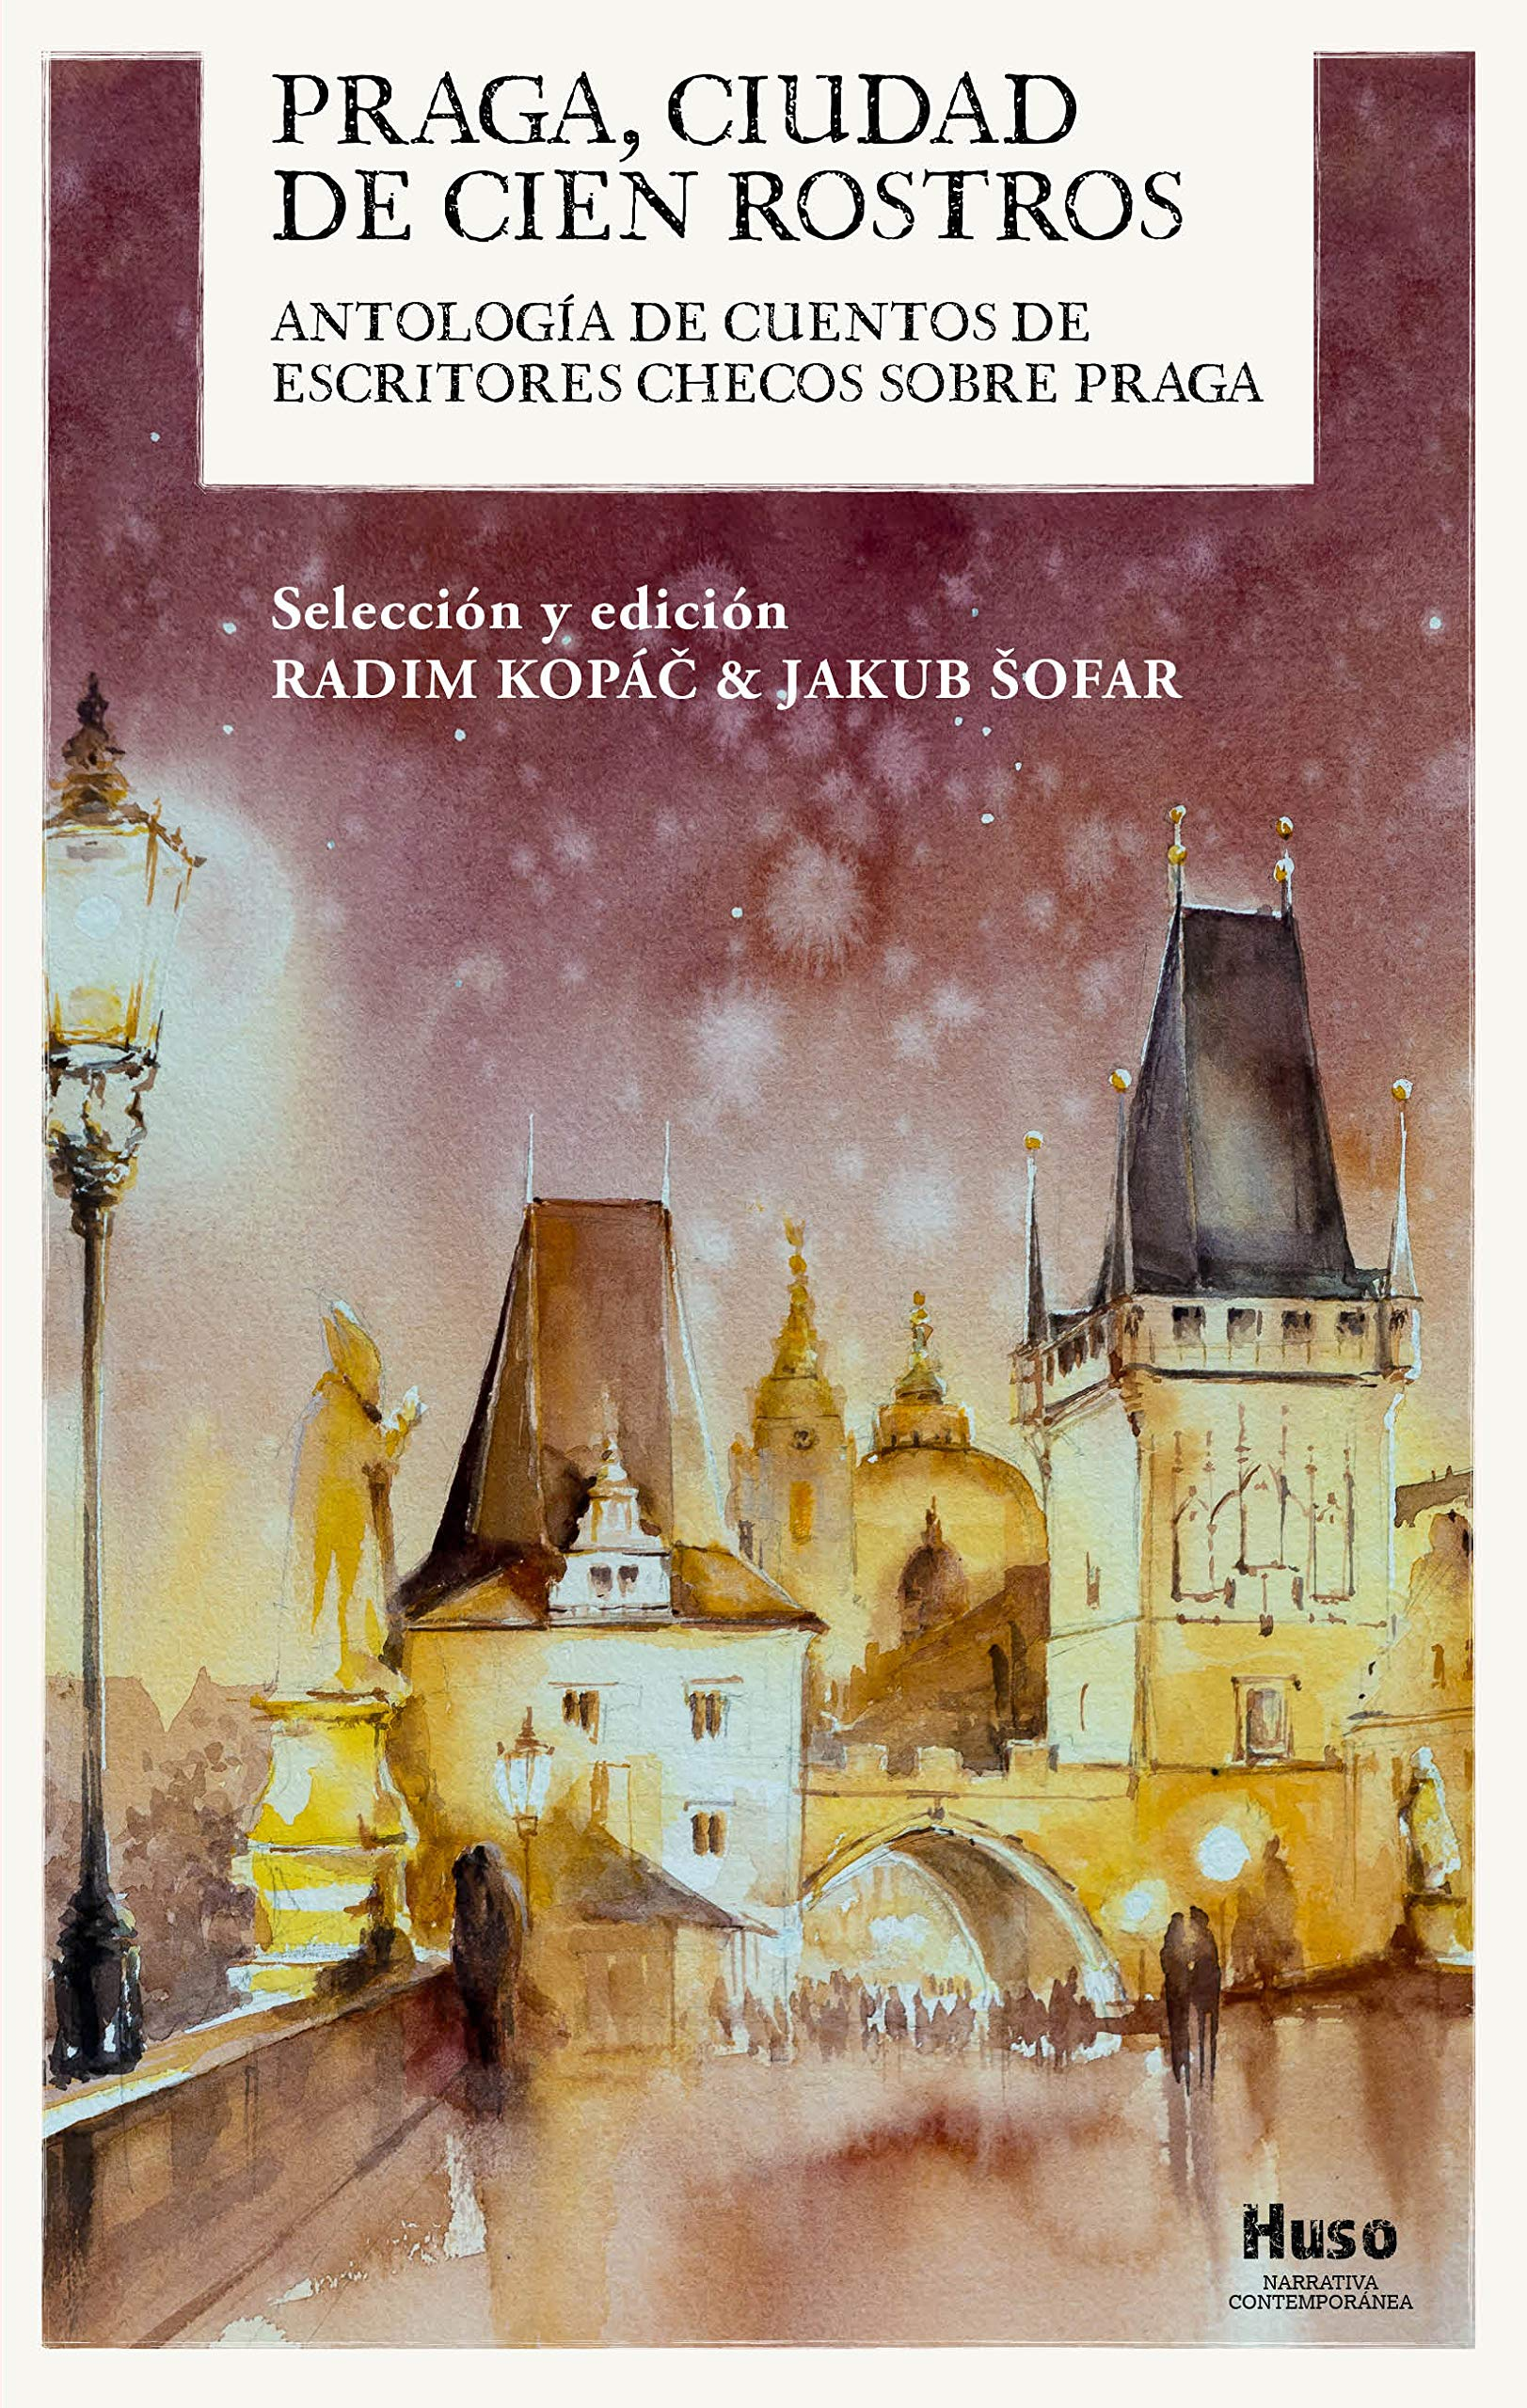 Praga, ciudad de cien rostros: Antología de cuentos de escritores checos  sobre Praga: Amazon.es: Kopáč, Radim, Šofar, Jakub, Uharte, Kepa, Seca Gil,  Jorge: Libros